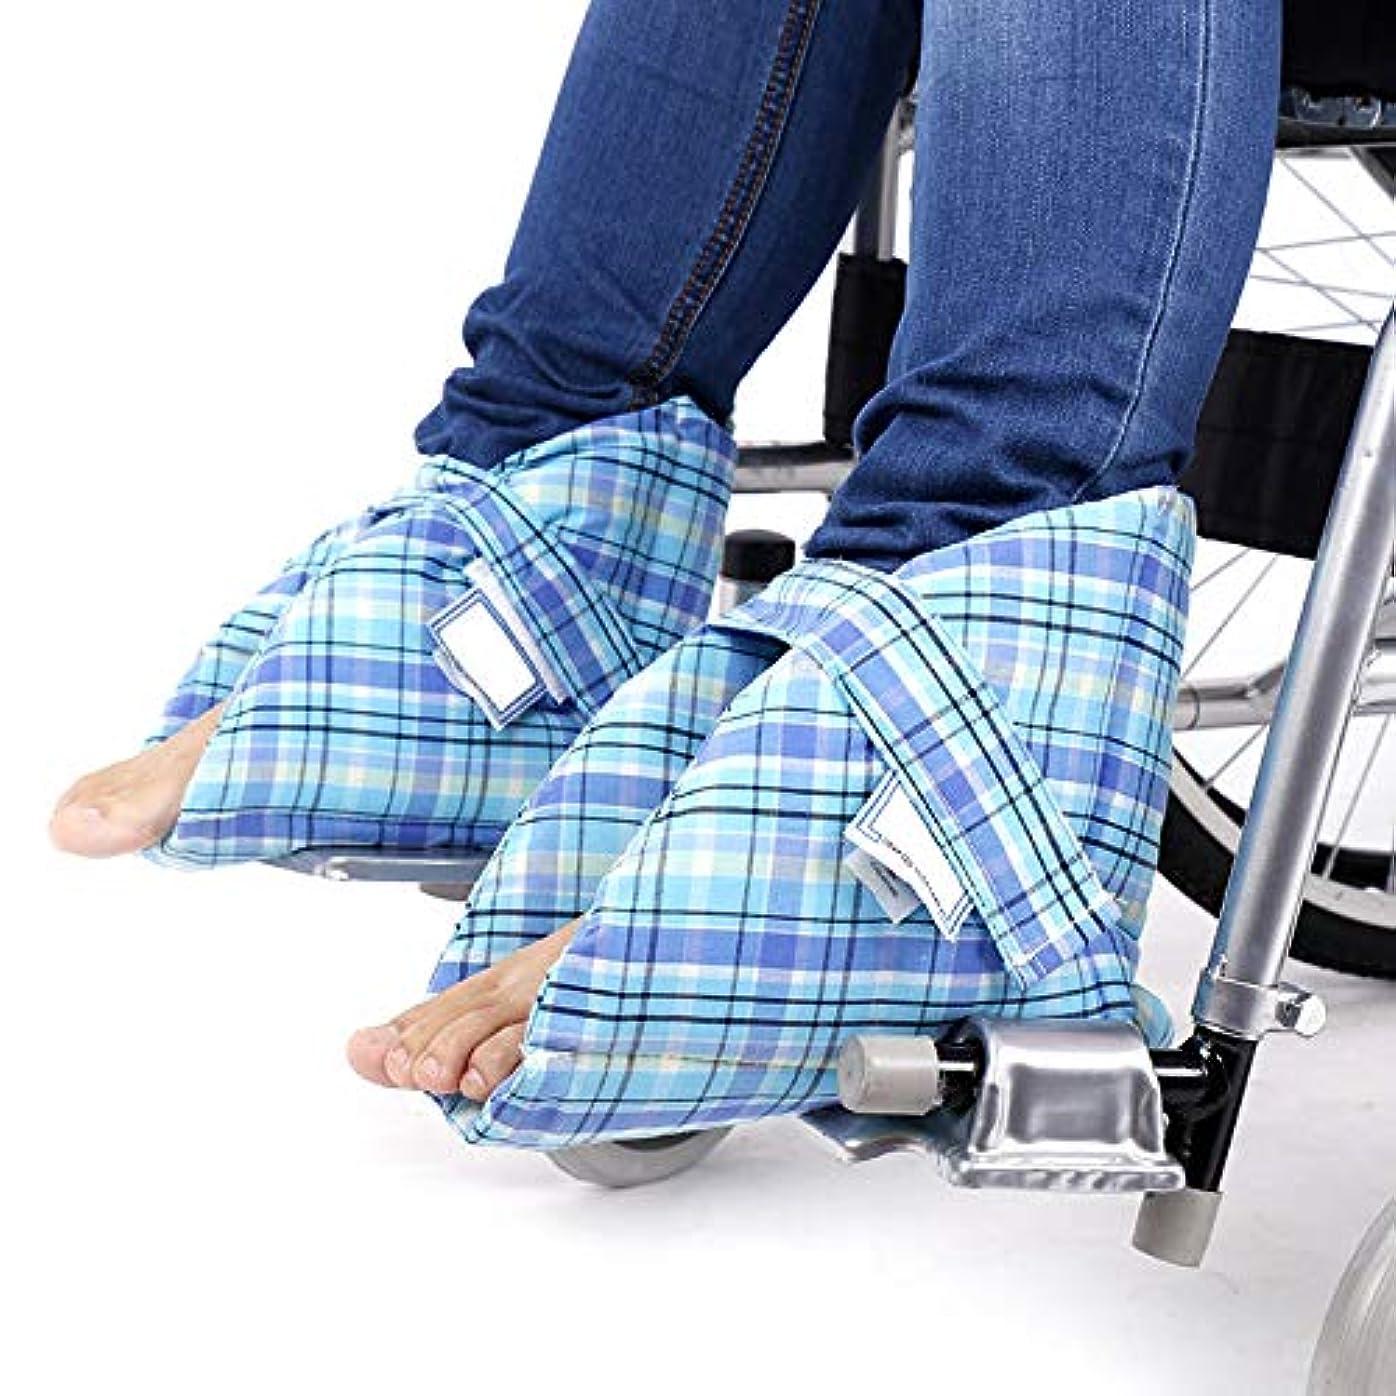 悪化させるセンター誓約フットサポートピロー-ヒールクッション褥瘡、かかと潰瘍および腫れた足の痛みの軽減-1ペアのかかと保護足枕